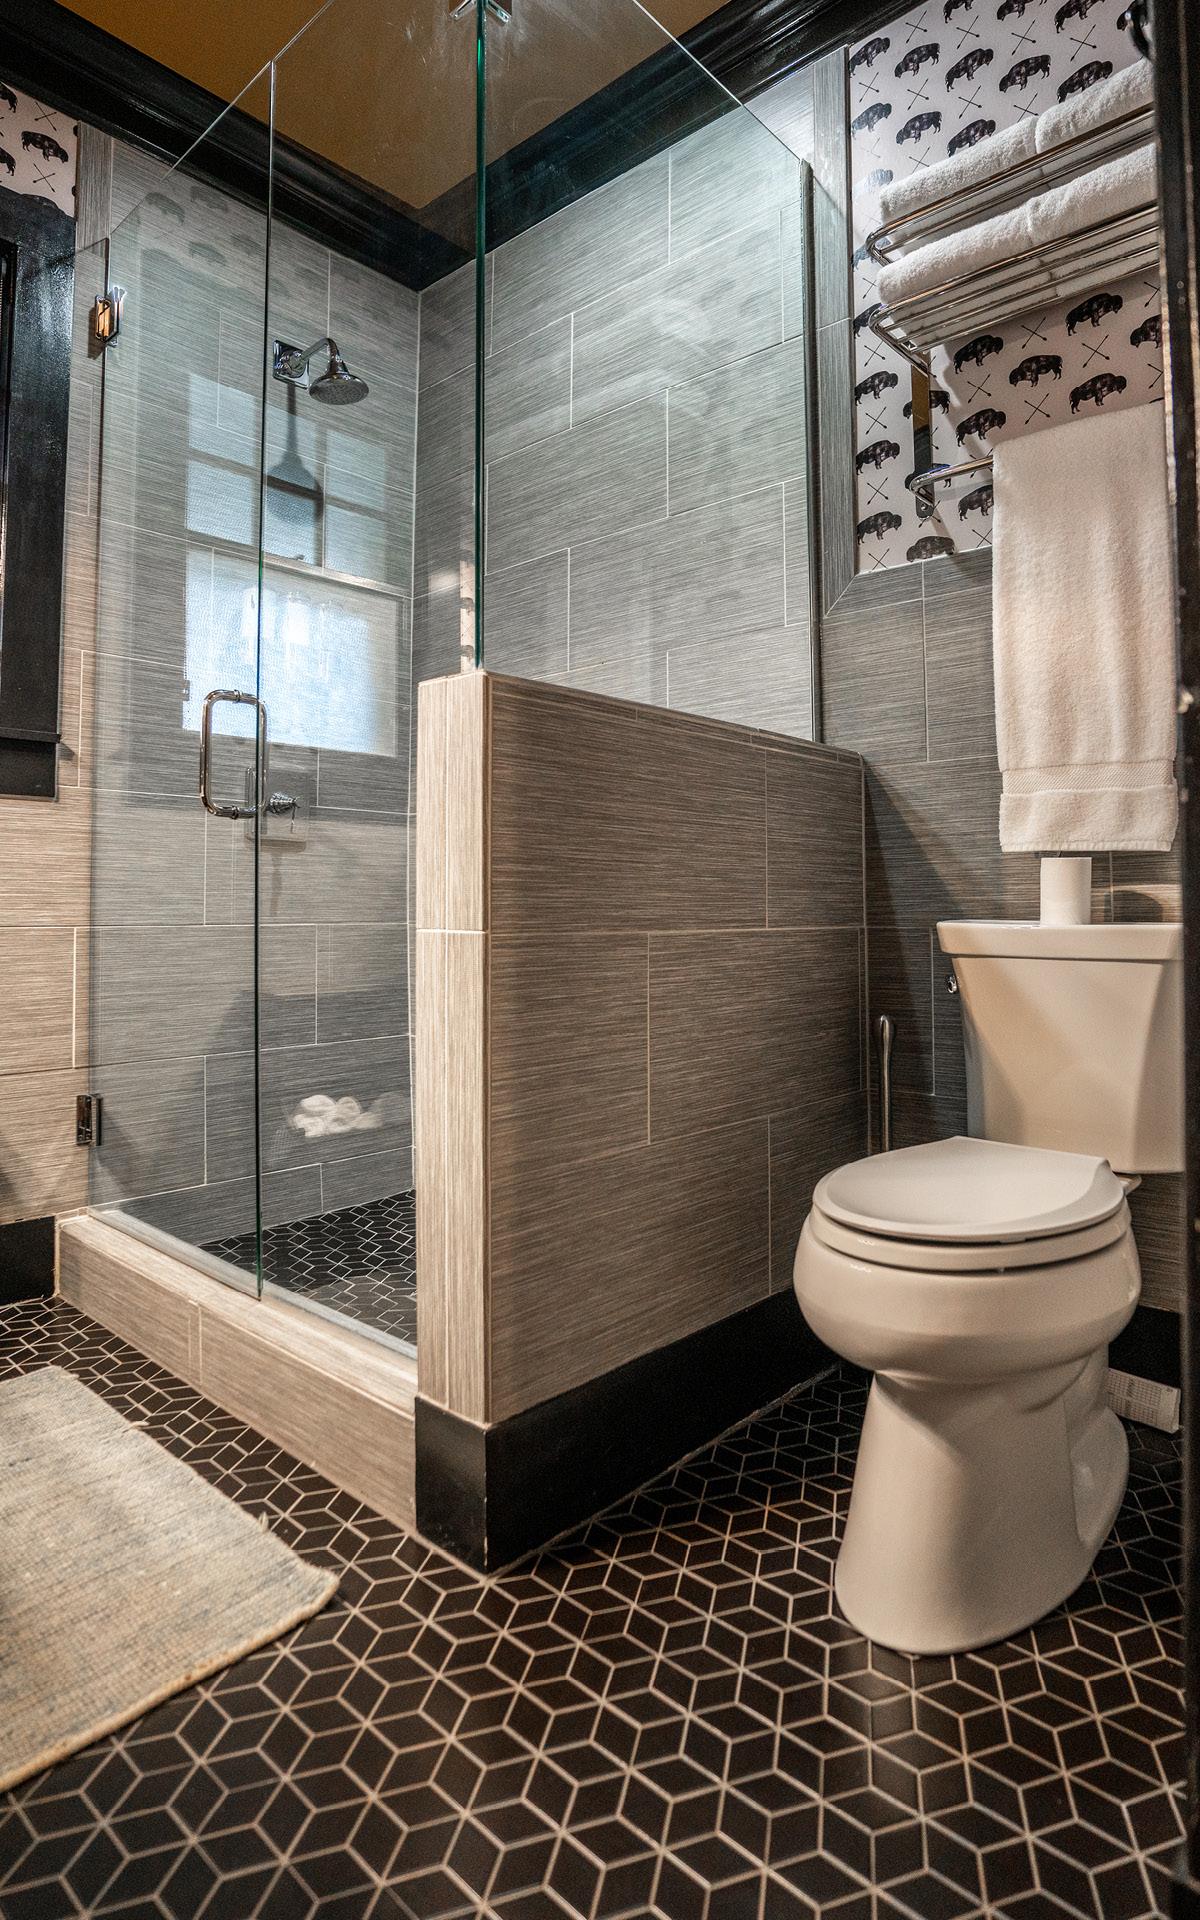 A modern bathroom with walk-in shower